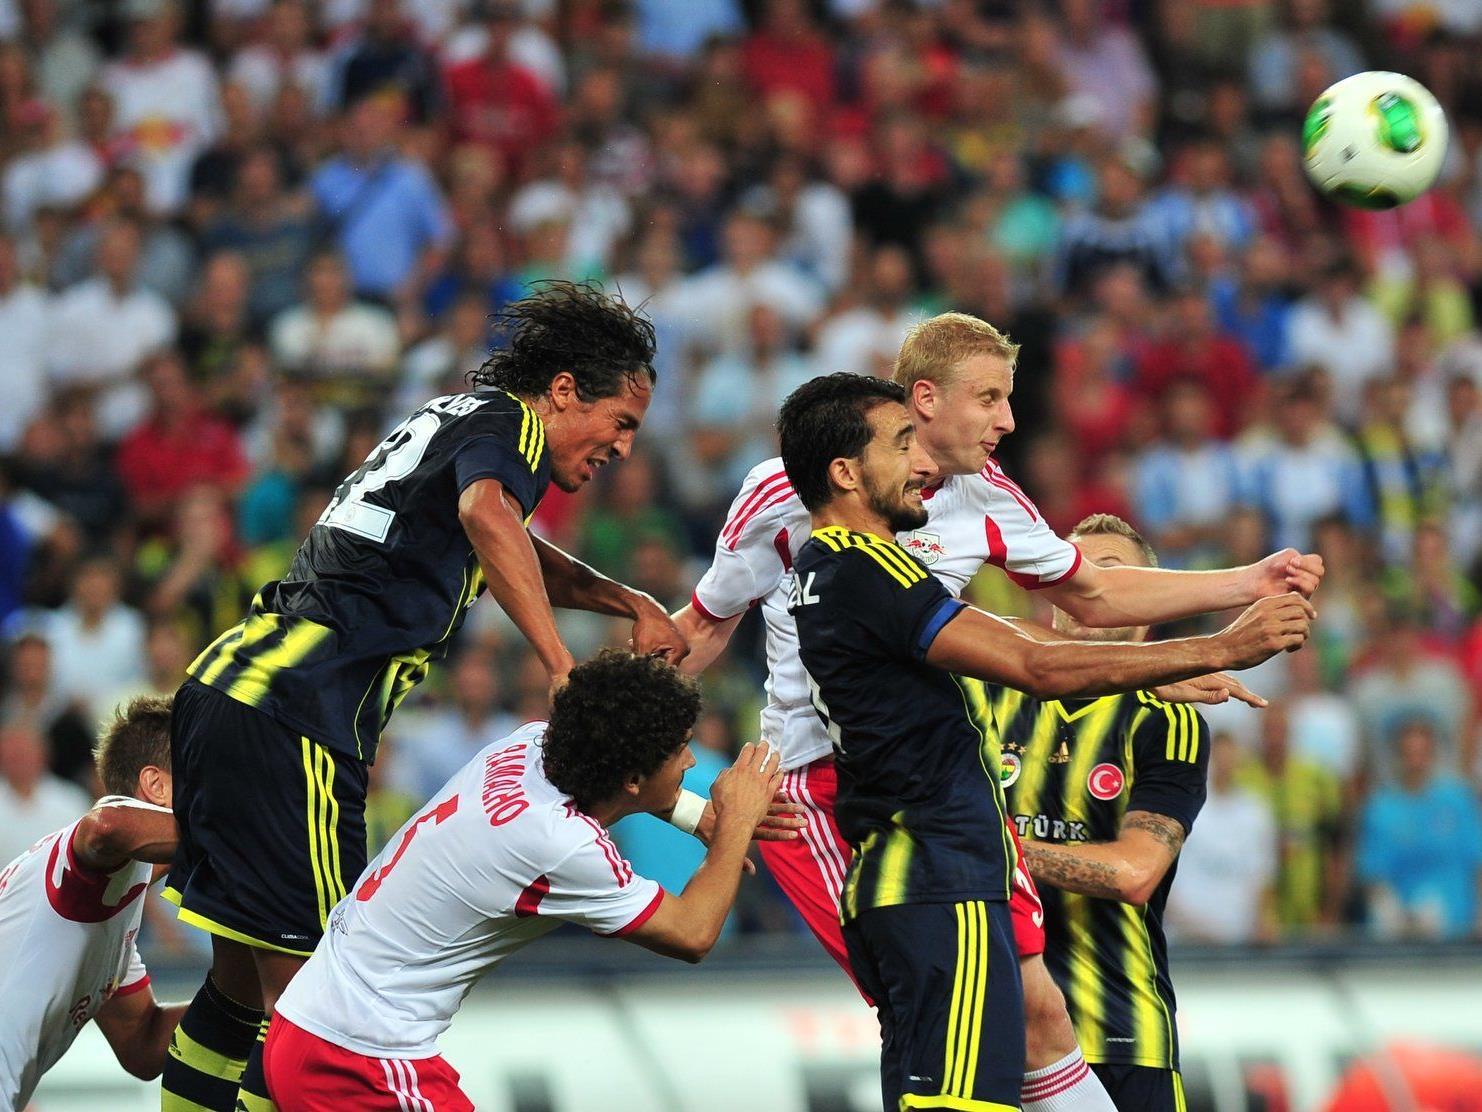 Salzburg-Trainer Schmidt sieht den Ausgang des Spiels sehr bitter.